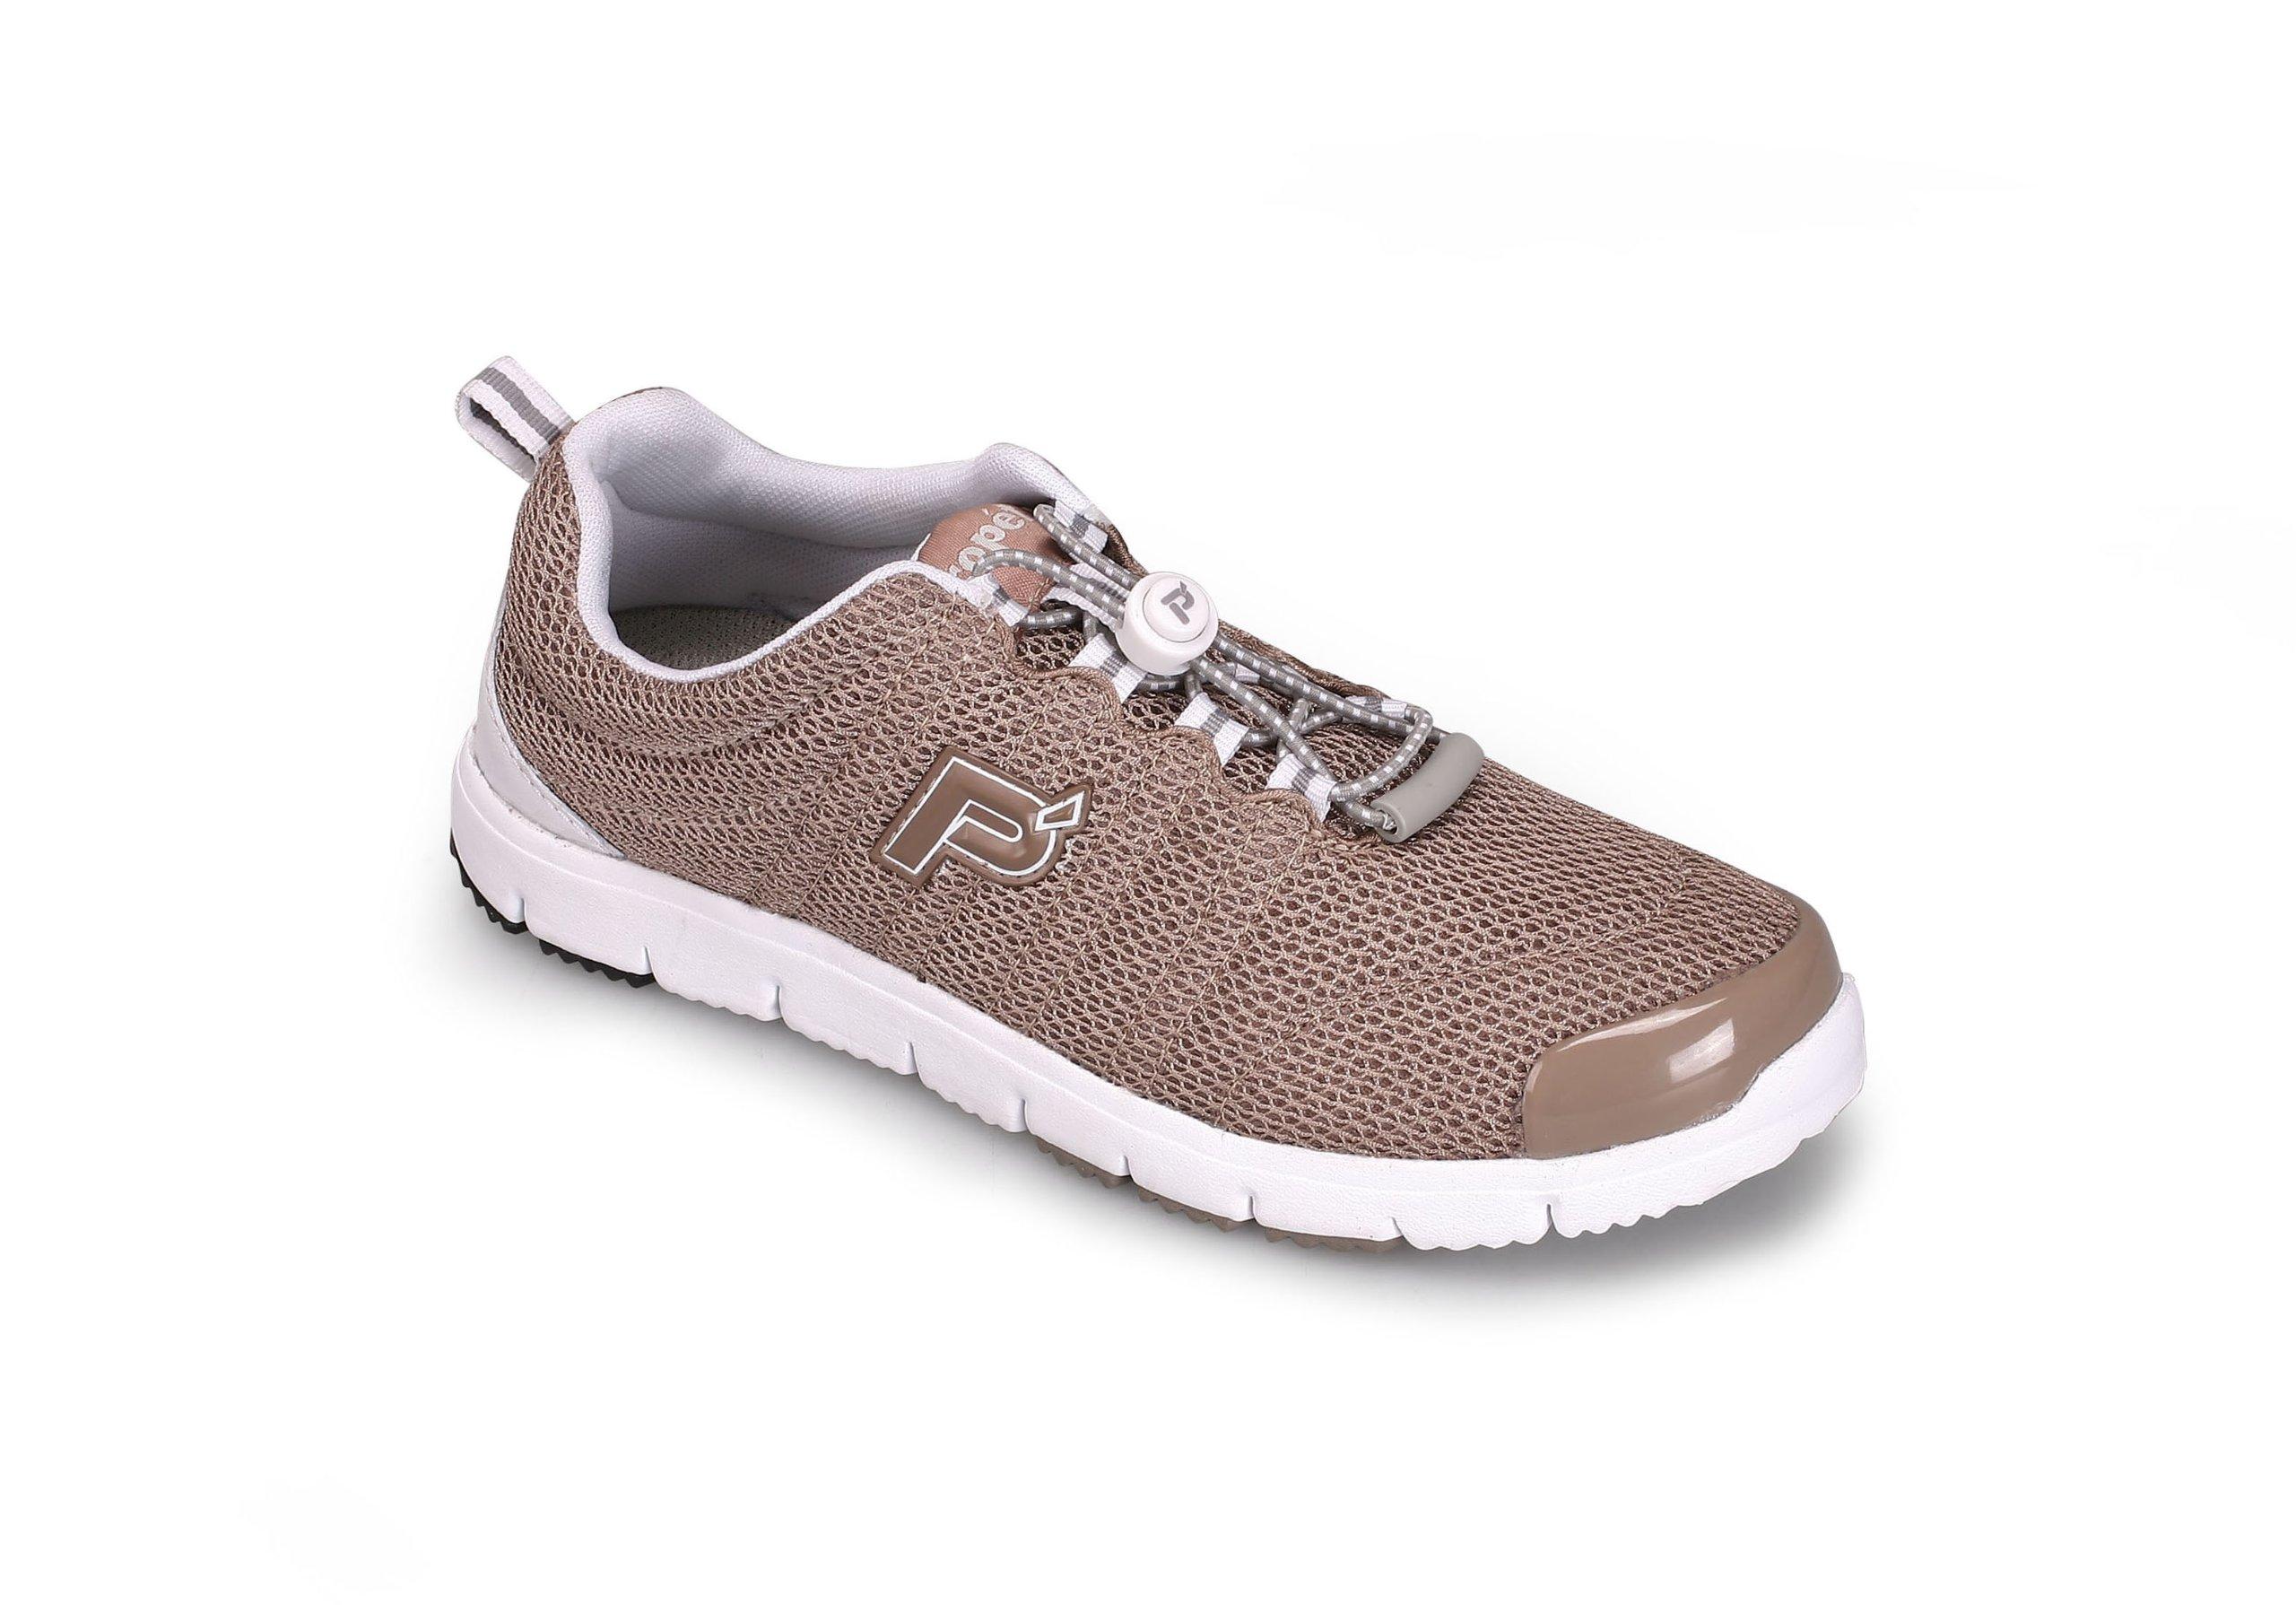 Propet Women's Travelwalker II Shoe,Taupe,8.5 N US